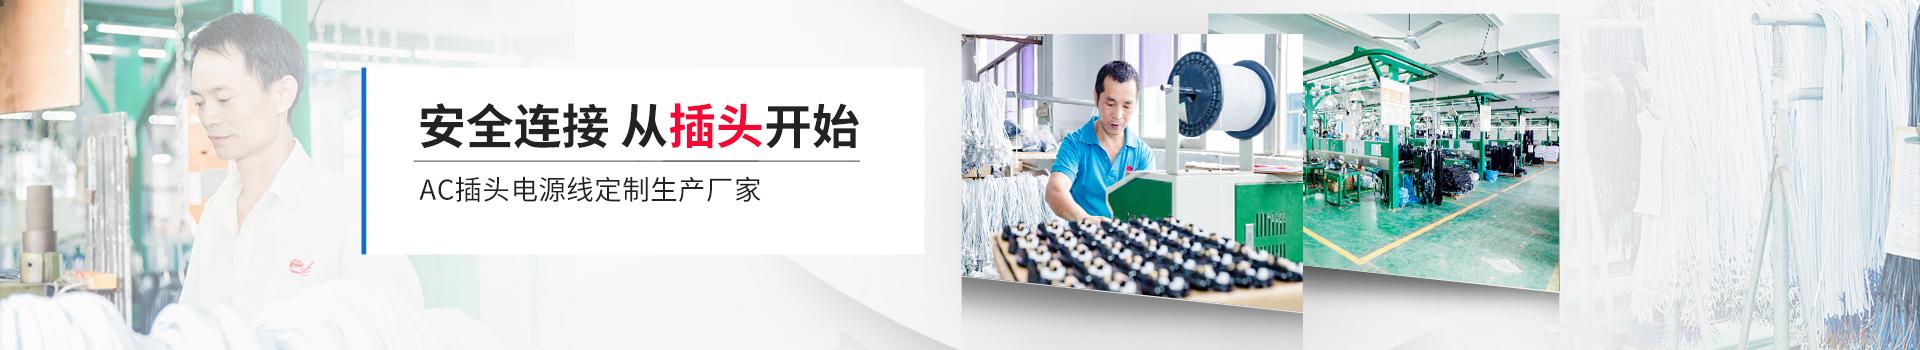 烨达-AC插头电源线定制生产厂家